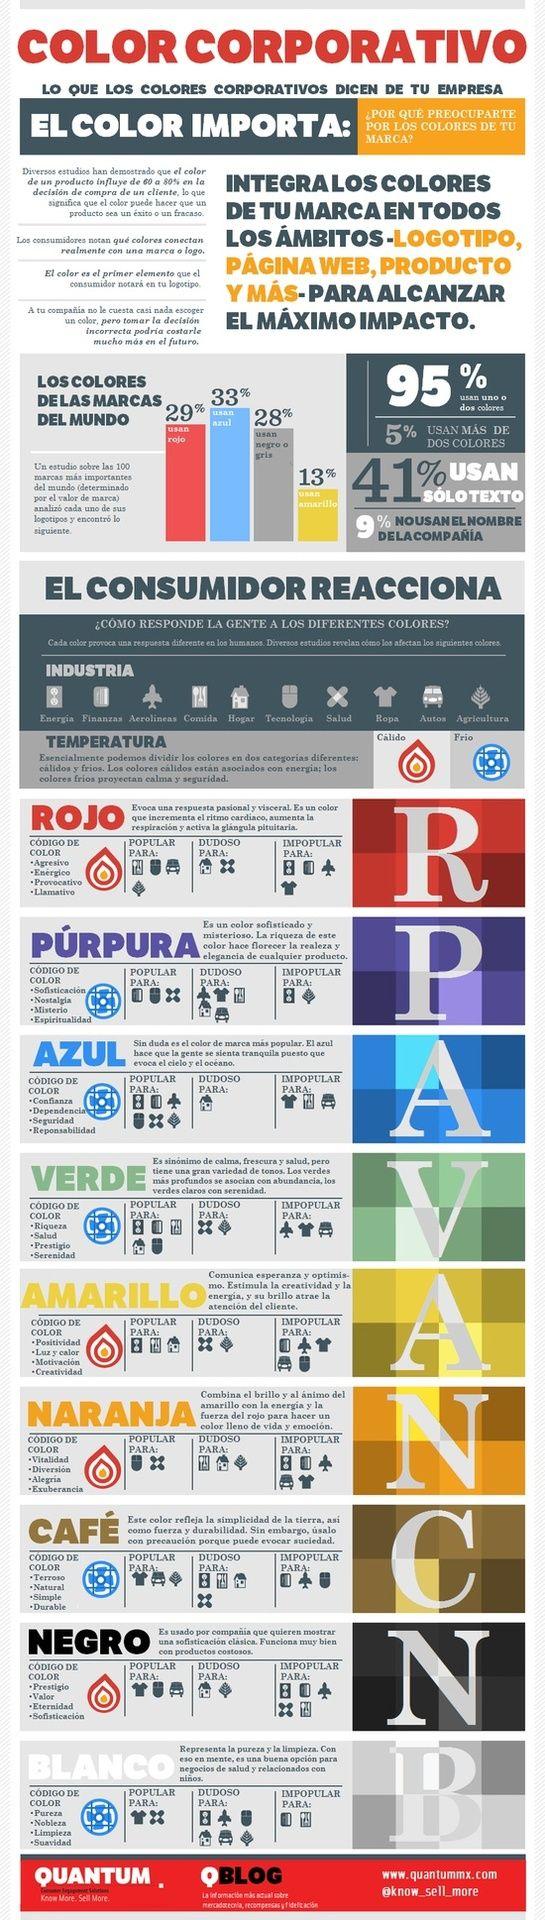 escenarioscreativos:  Infografía »> ¿Qué dicen tus colores corporativos?